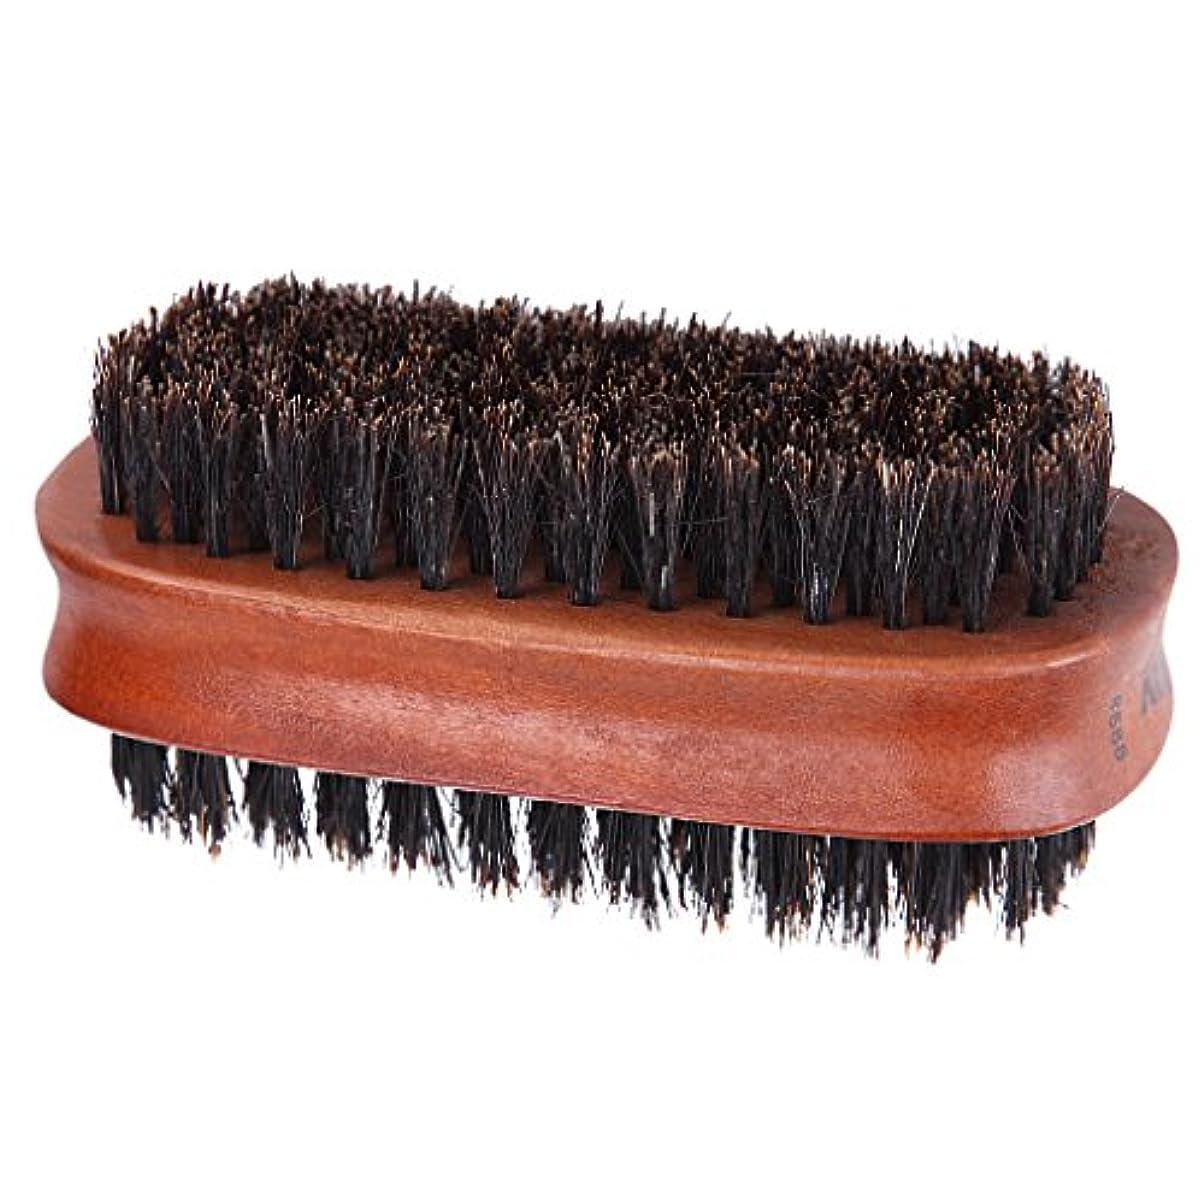 リップゆるい可能性Kesoto ヘアブラシ 両面ブラシ 理髪店 美容院  ソフトブラシ ヘアカッター ダスターブラシ